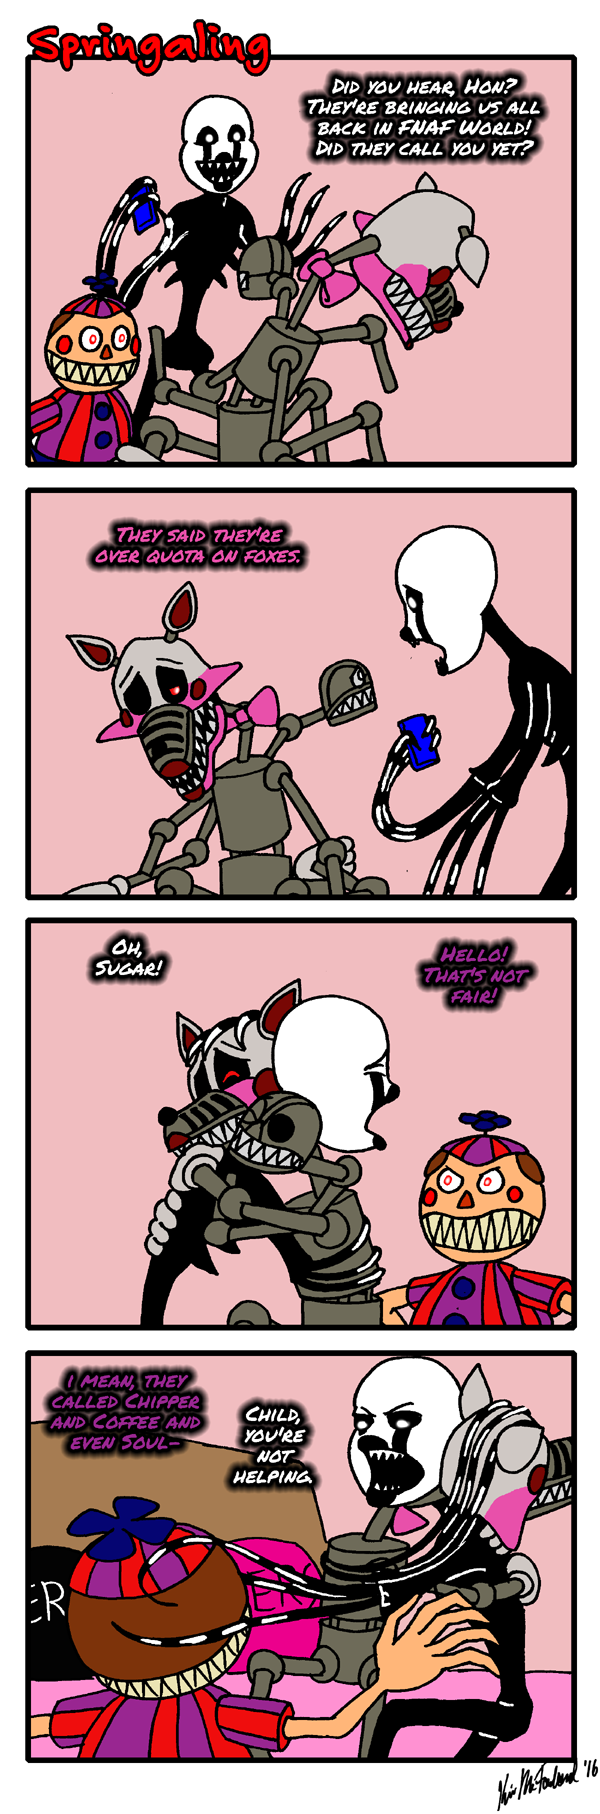 Bizarre nightmare femdom comic